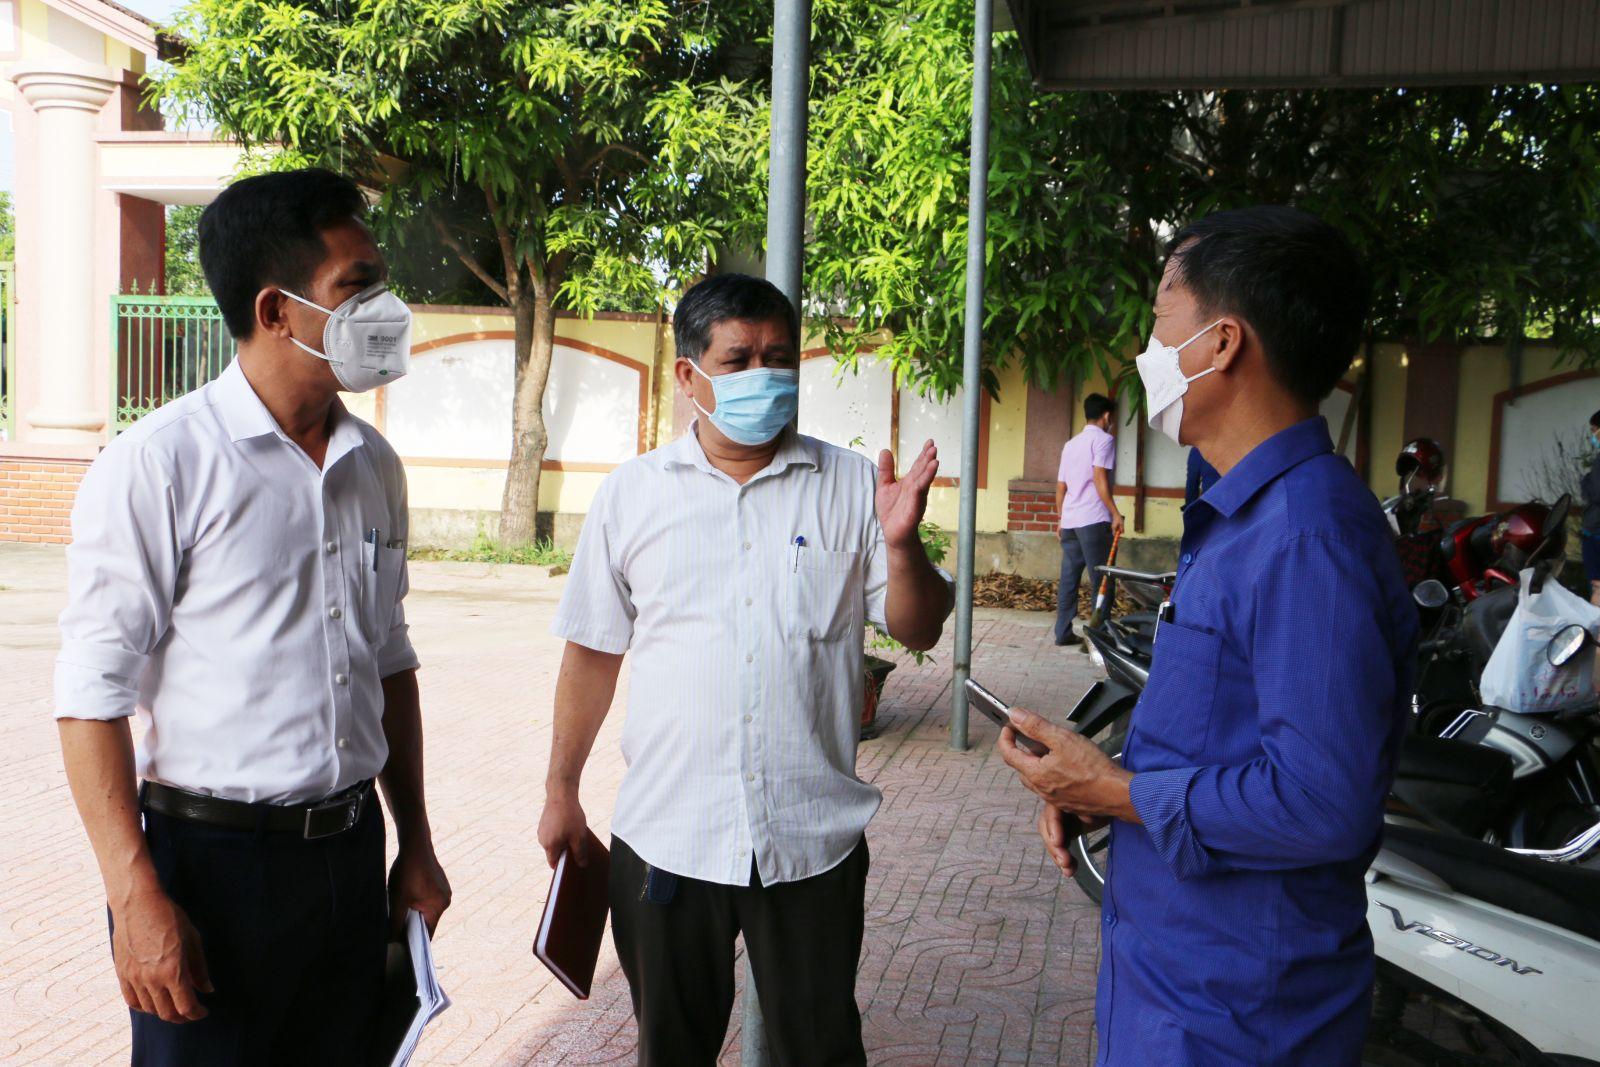 Rà soát, lấy mẫu xét nghiệm những người có liên quan đến Nhà tắm nước ngọt công cộng, bãi tắm Xuân Hải - Thị trấn Lộc Hà